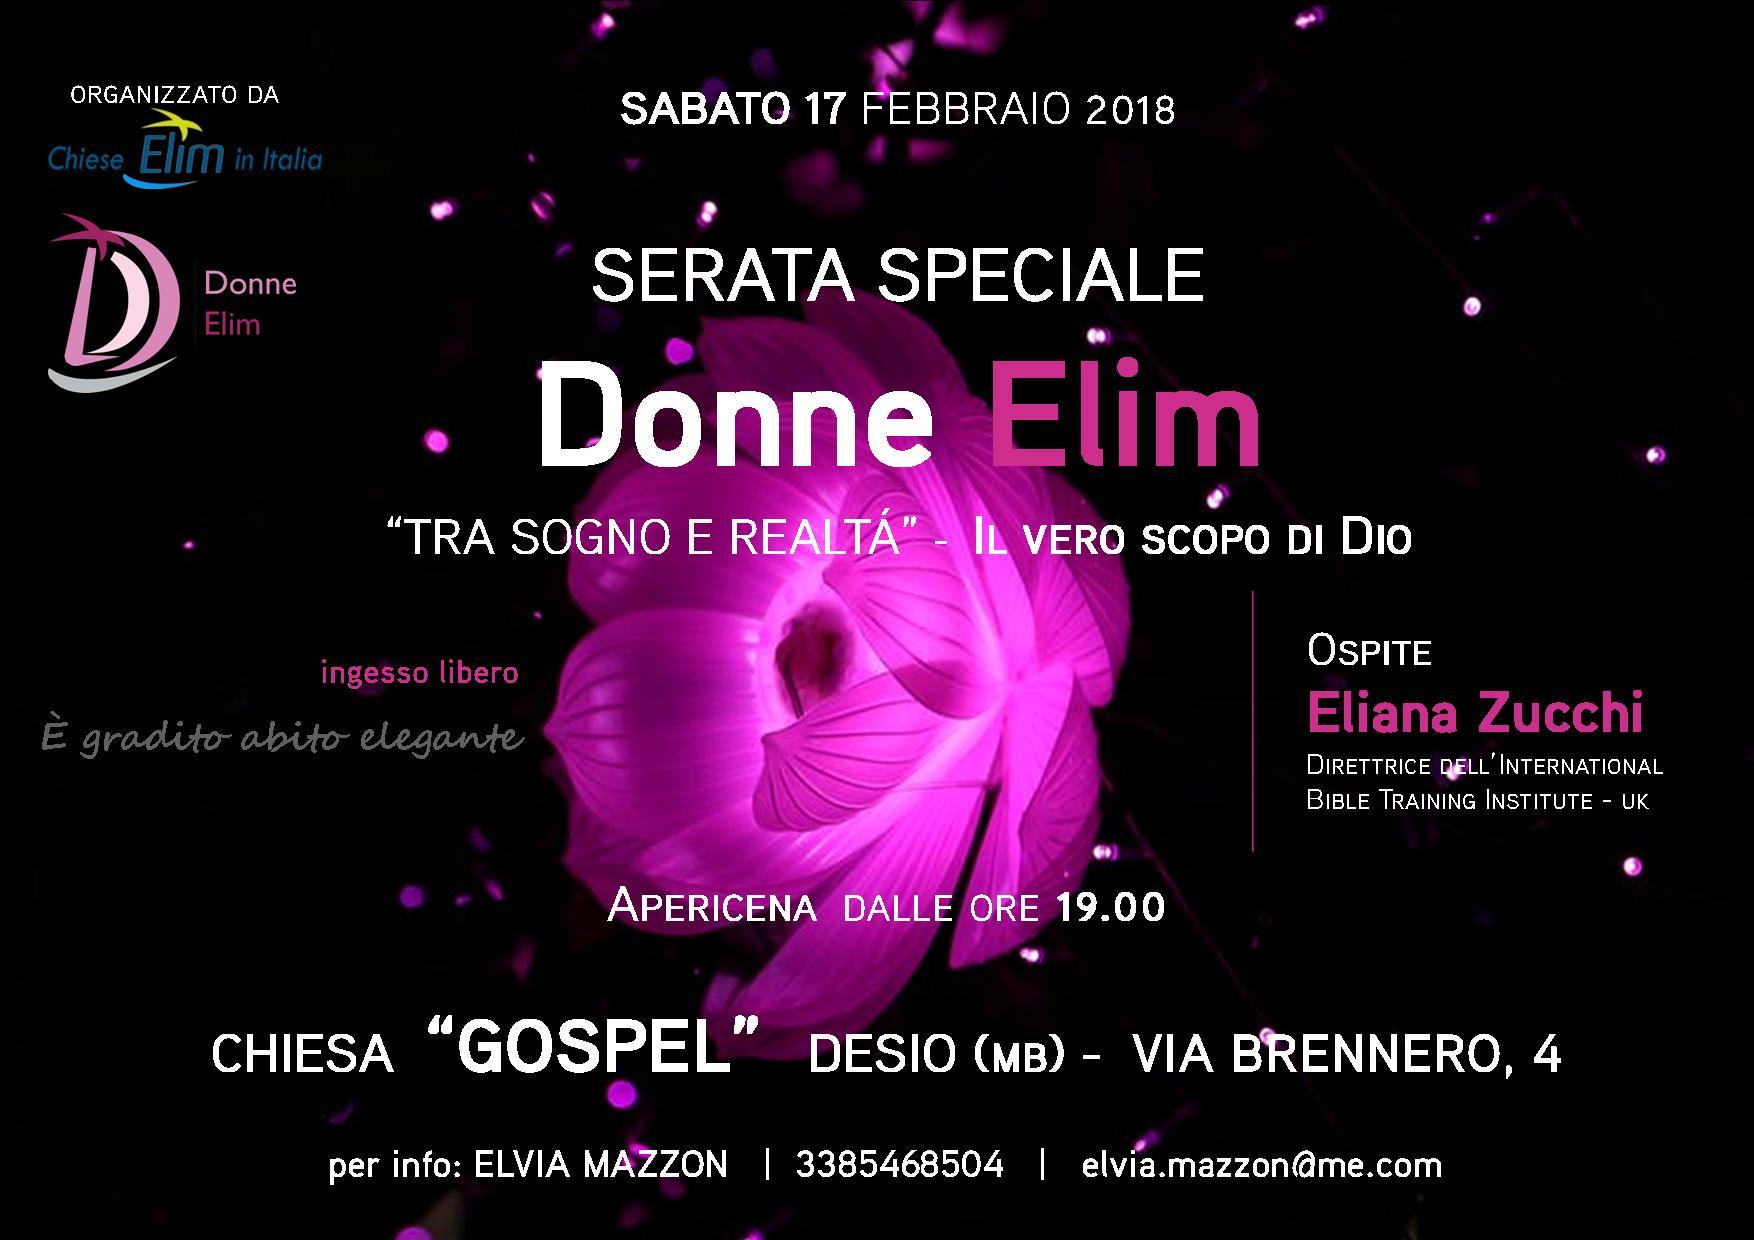 Serata speciale Donne Elim: 'Tra sogno e realtà – Il vero scopo di Dio' con Eliana Zucchi – Sabato 17 febbraio 2018, Desio (MB)